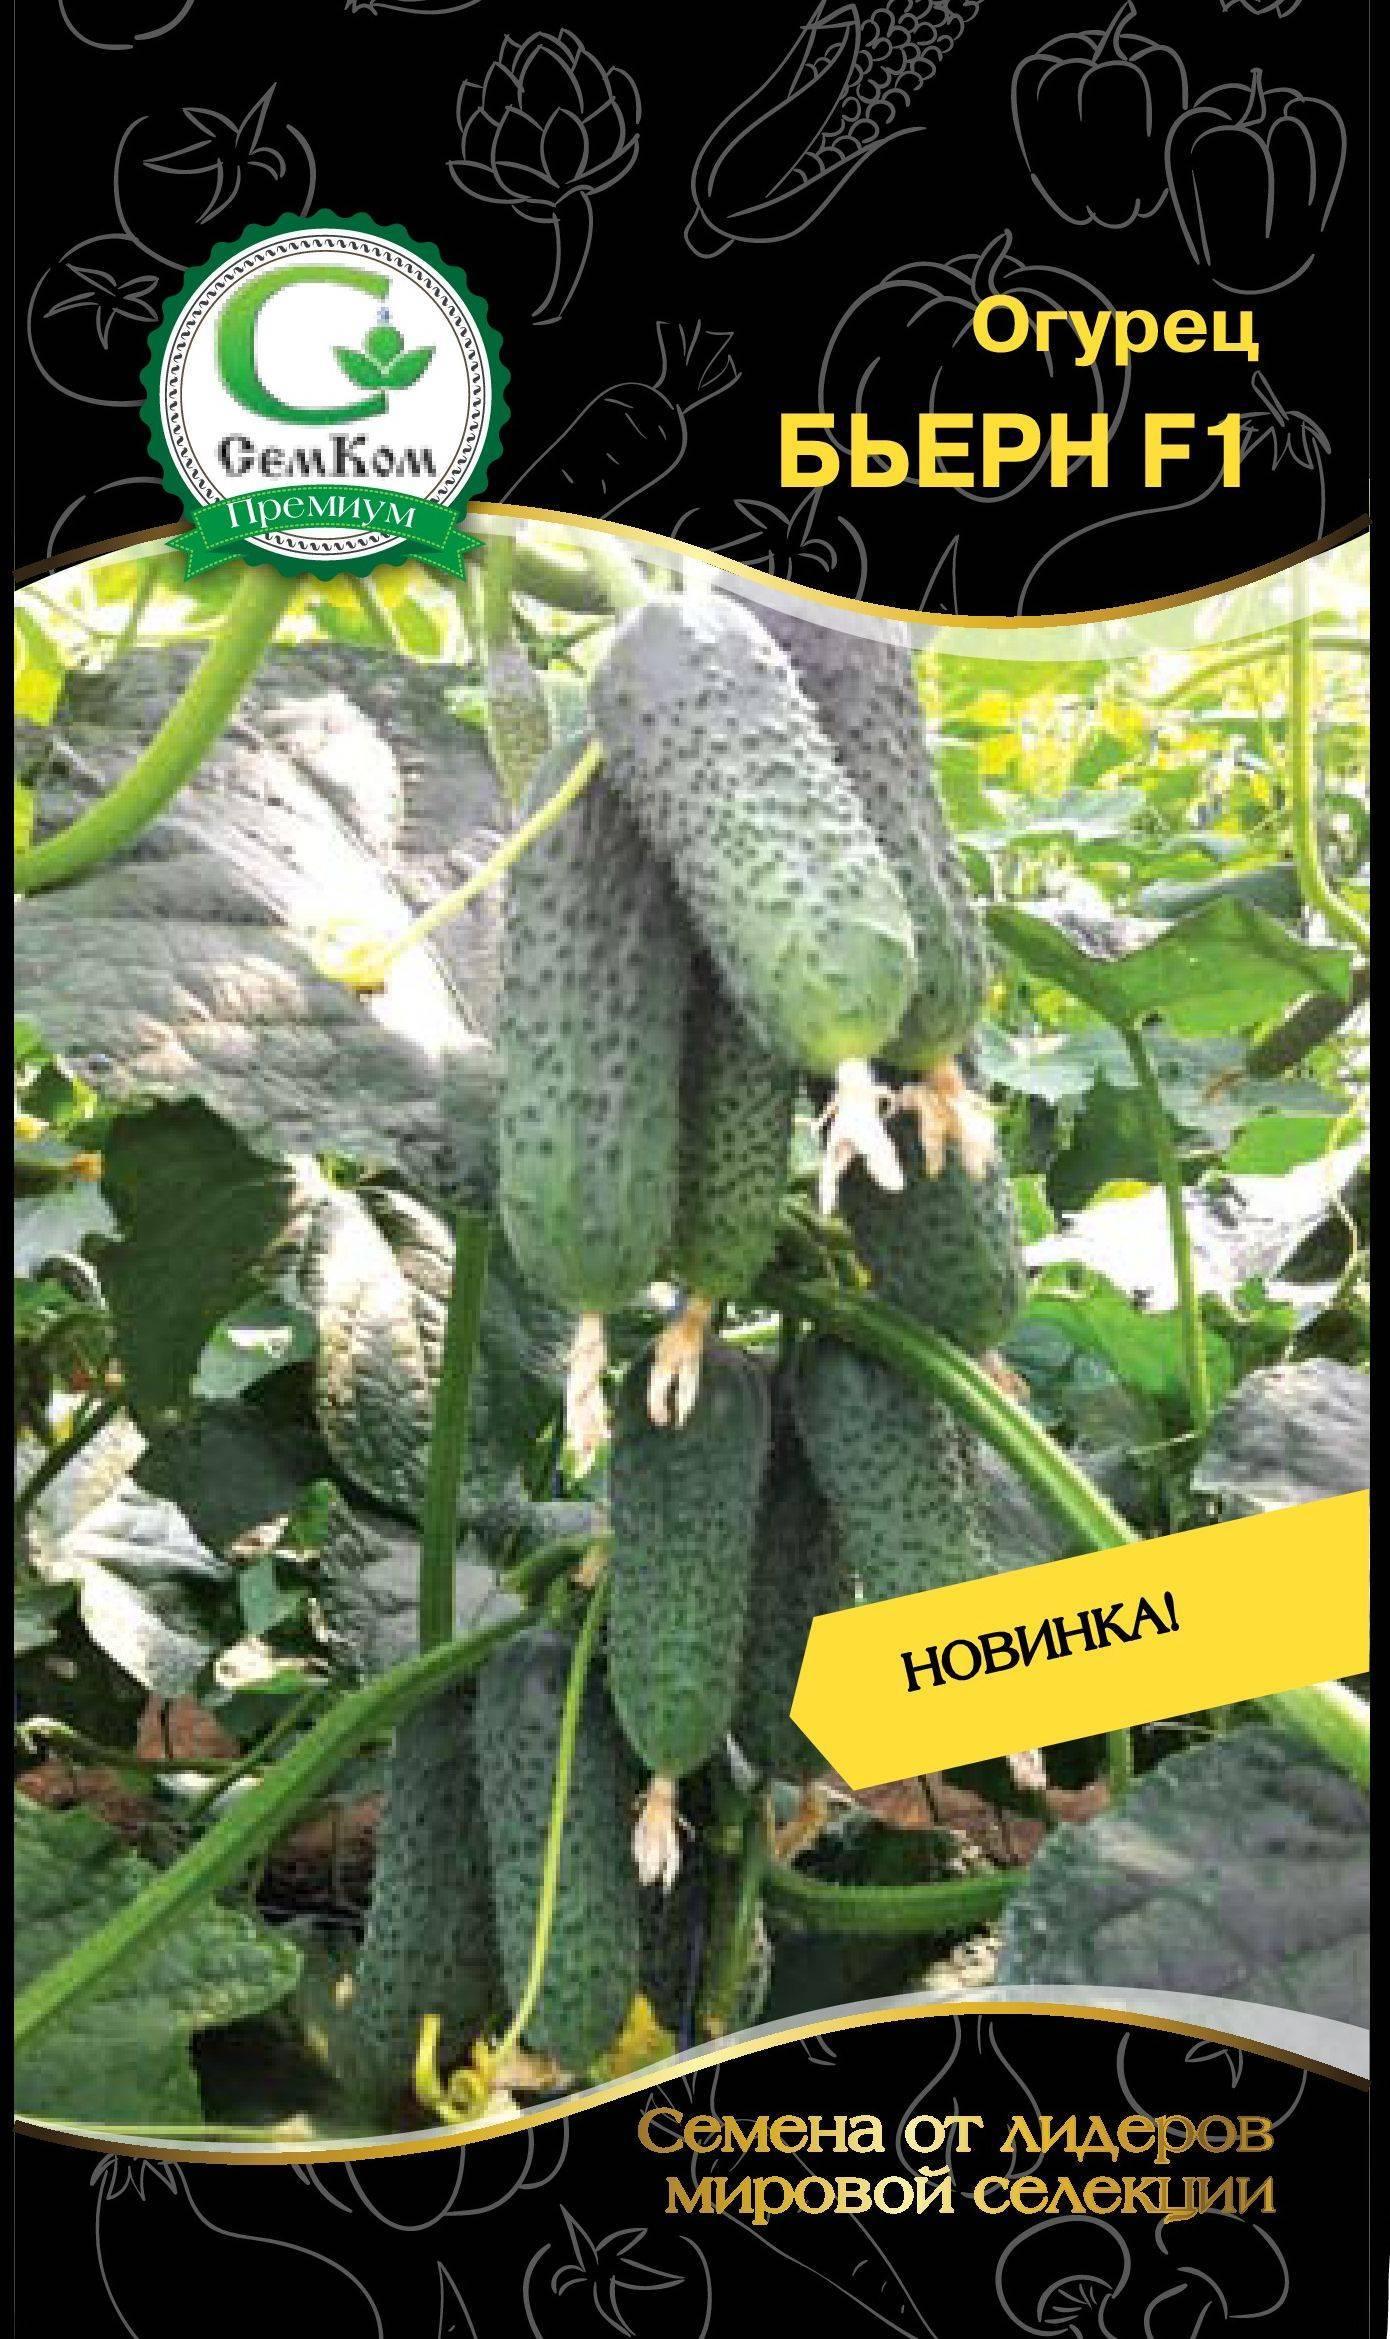 Огурец бьерн f1: описание сорта, отзывы, фото, урожайность